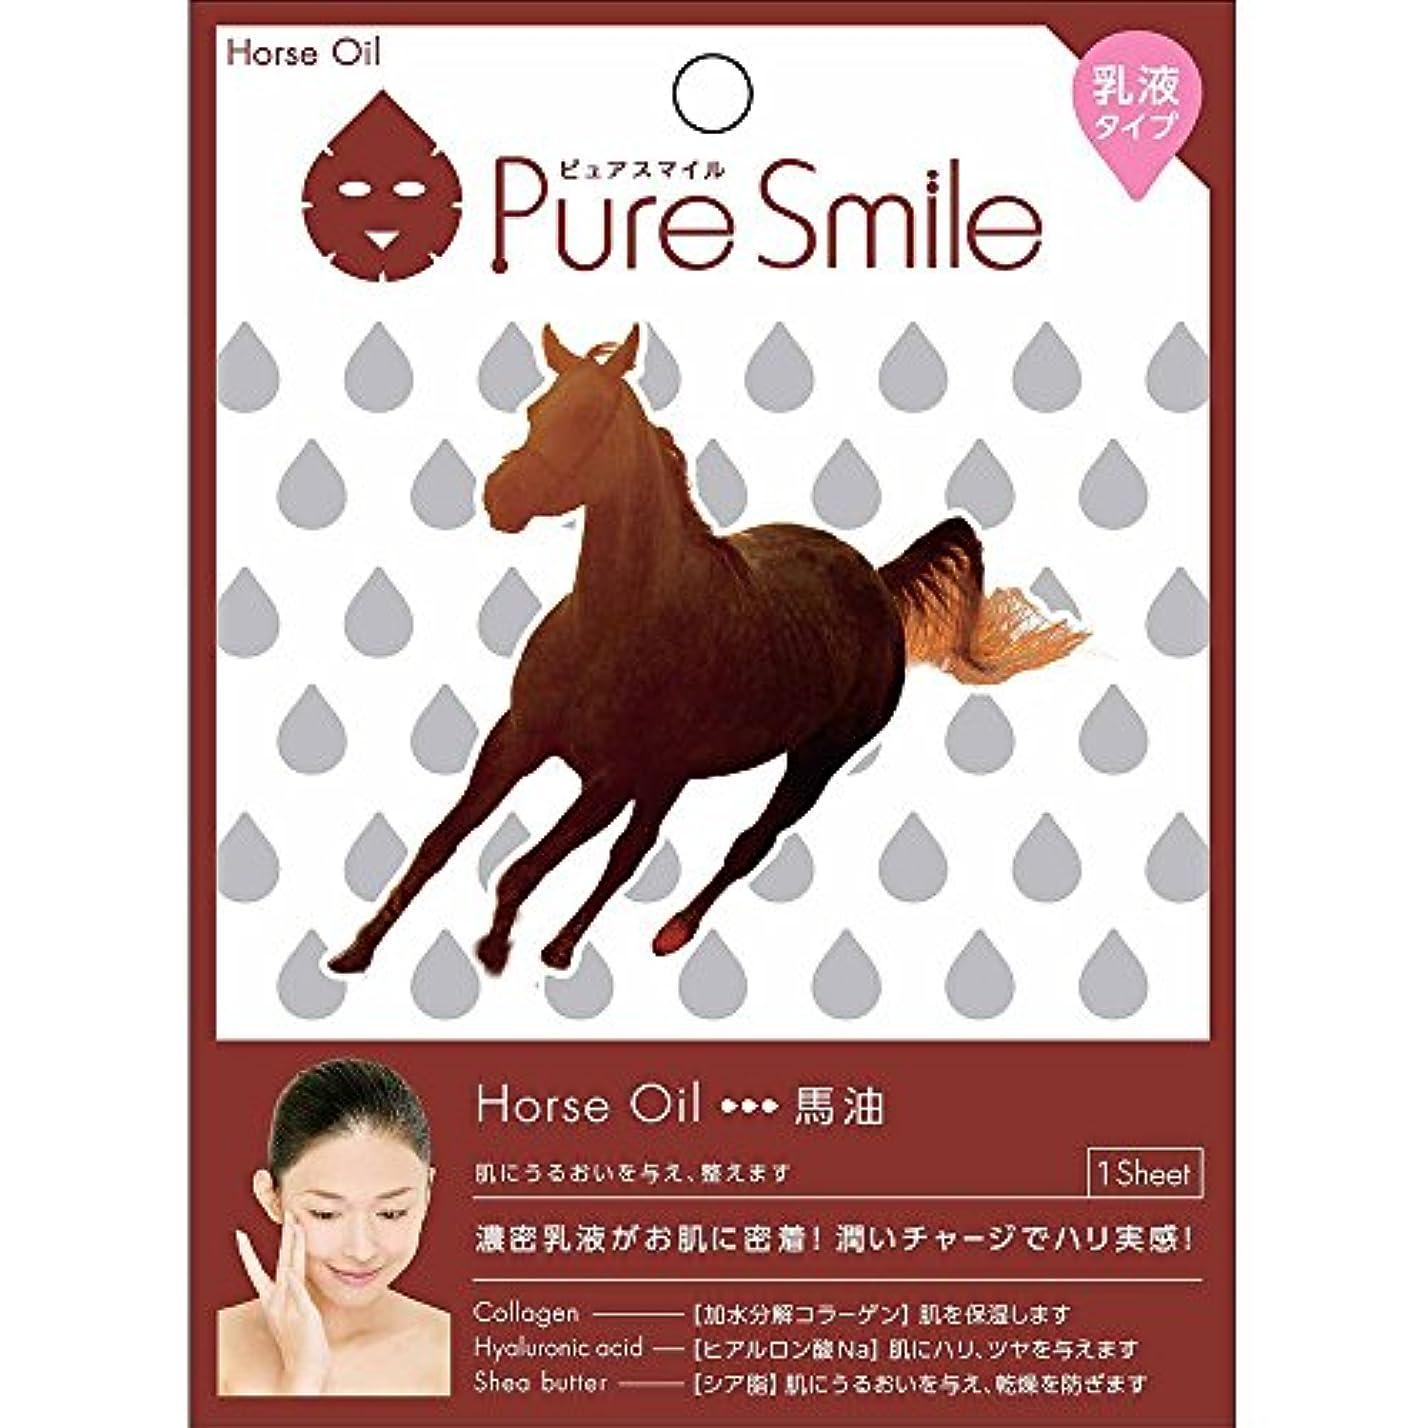 最適変化有効Pure Smile/ピュアスマイル 乳液 エッセンス/フェイスマスク 『Horse oil/馬油』